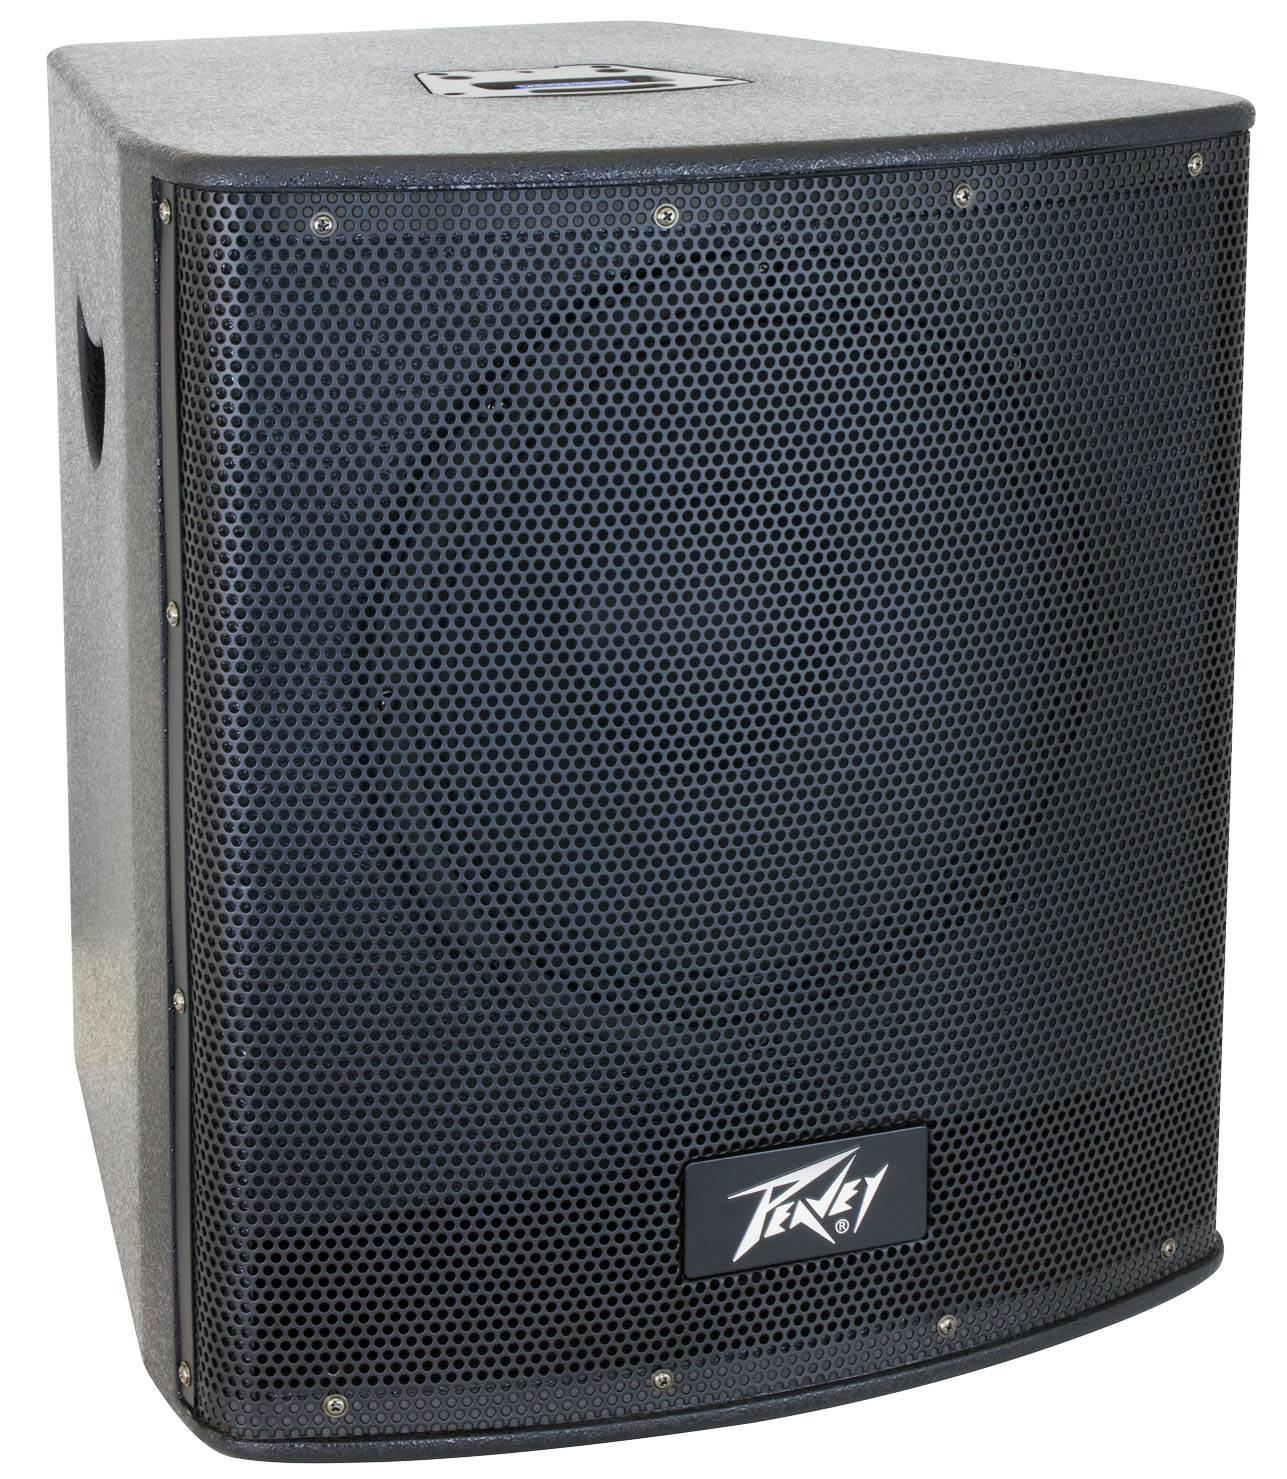 ساب ووفر سیستم صوتی پرتابل مارک Peavey سری P2 بهترین گزینه صوتی جهت منازل و سالن های متوسط